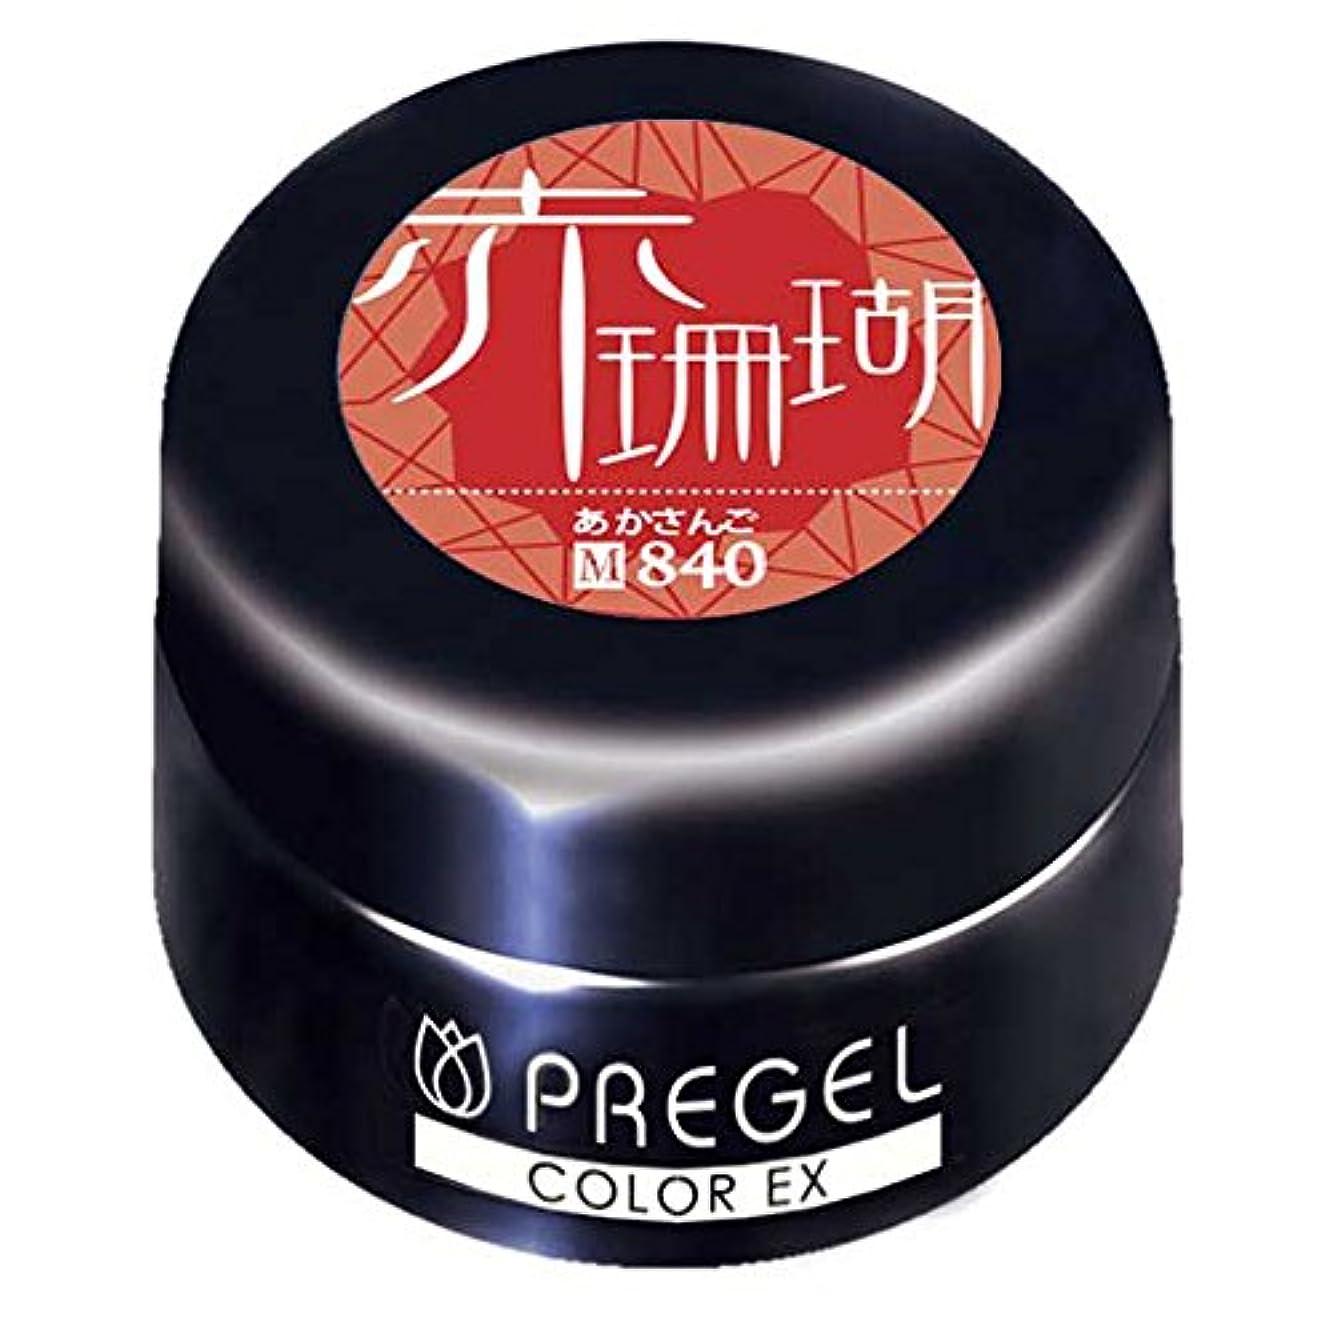 ラジウムデンマーク発行PRE GEL カラーEX 赤珊瑚840